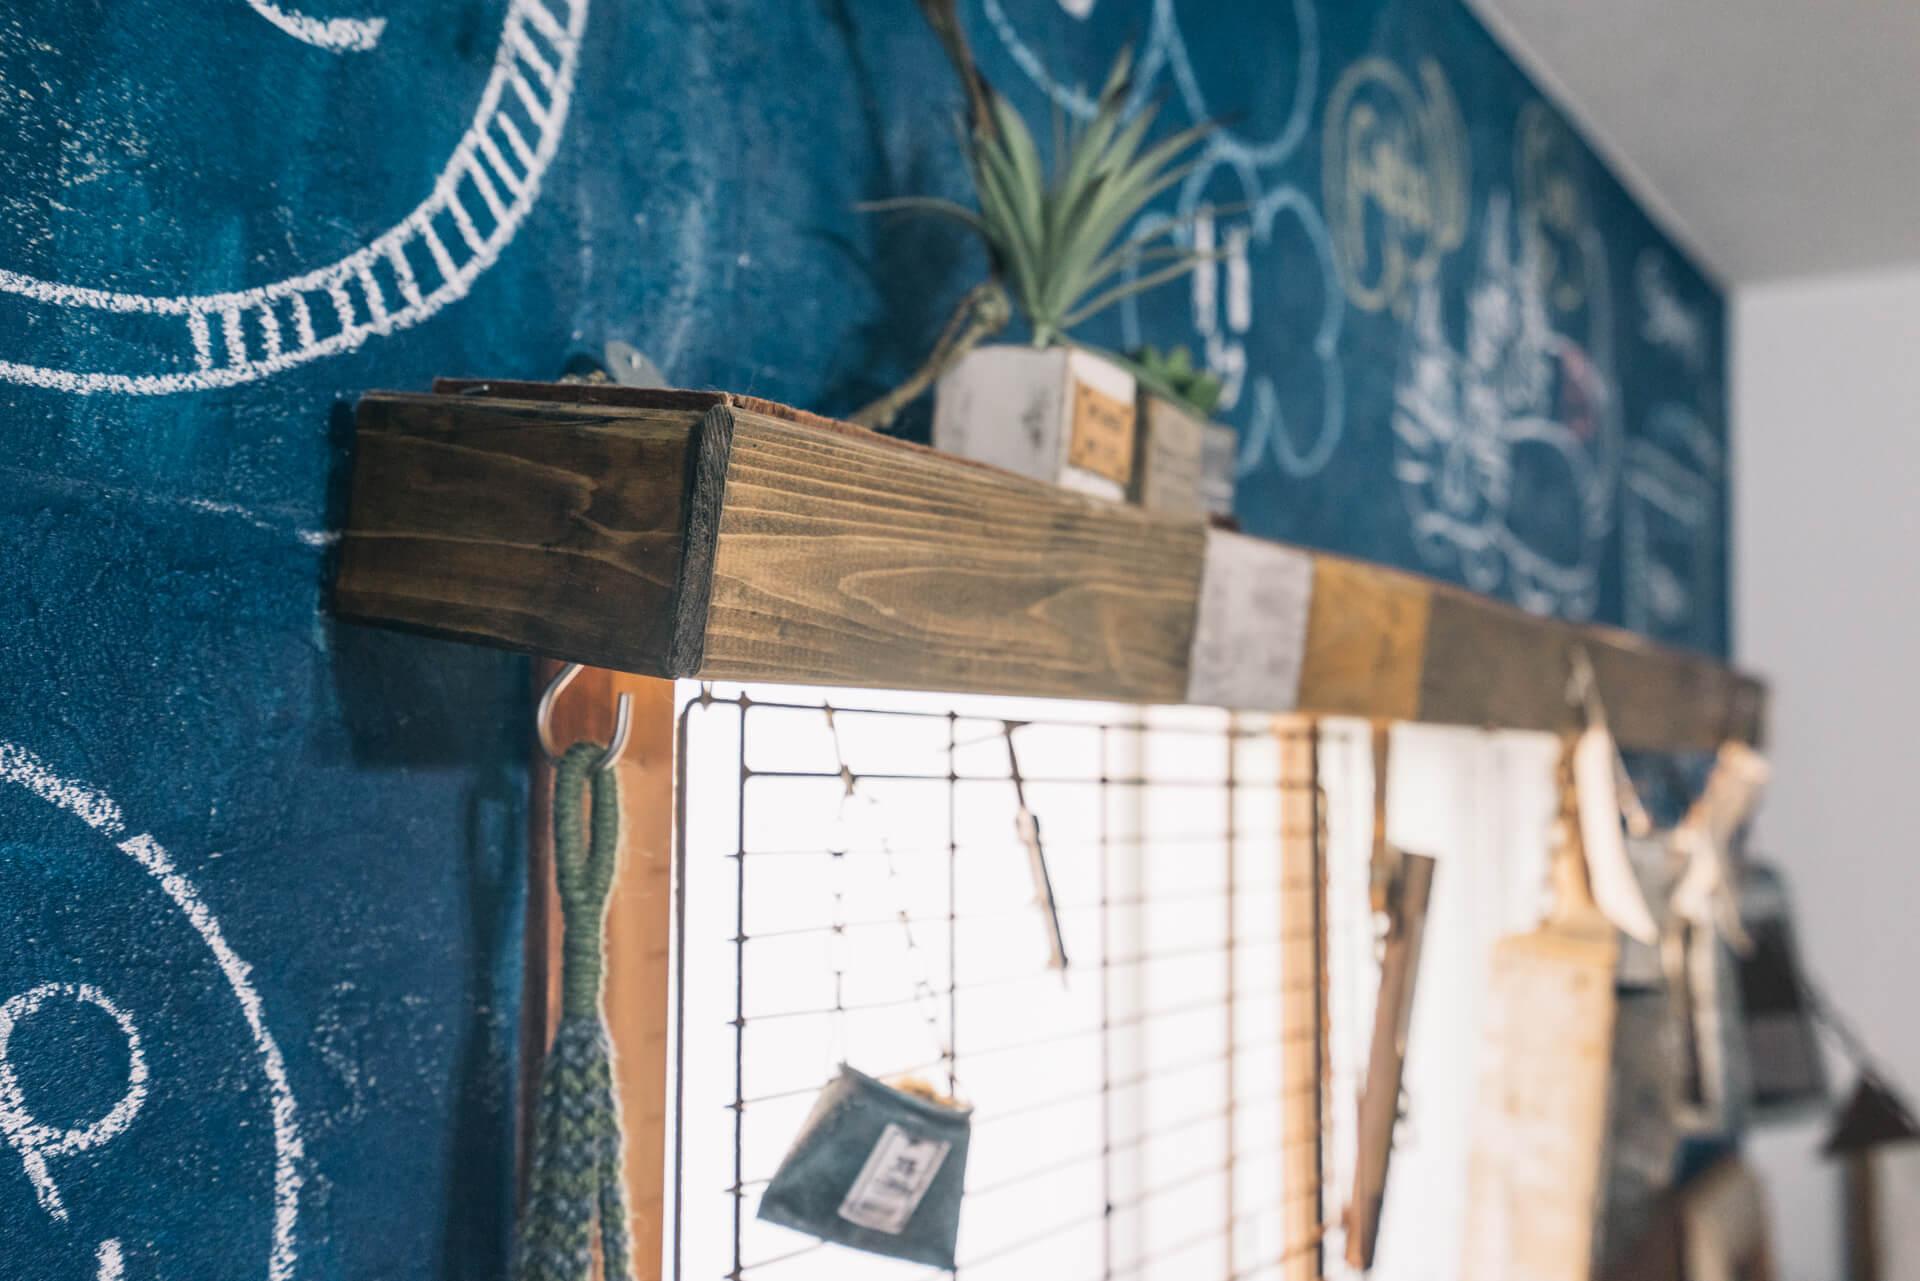 L字に木材を組んで、結束バンドを使ってレールに取り付けています。グリーンとの組み合わせが似合う窓に。